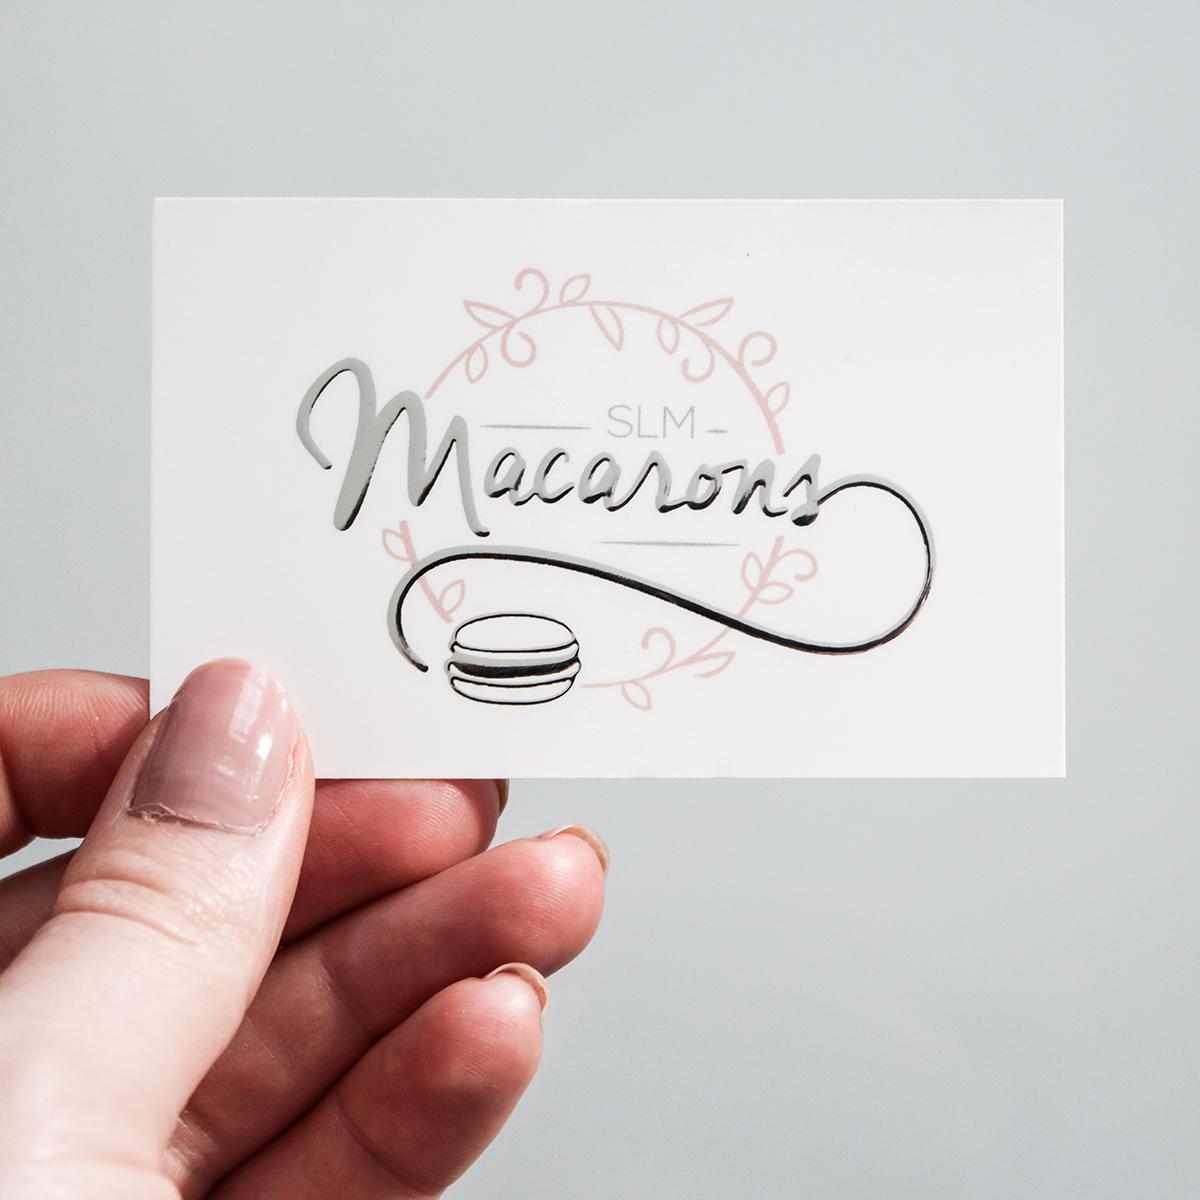 carte de visite, slm macarons, pâtisserie, identité visuelle, logo, entreprise,